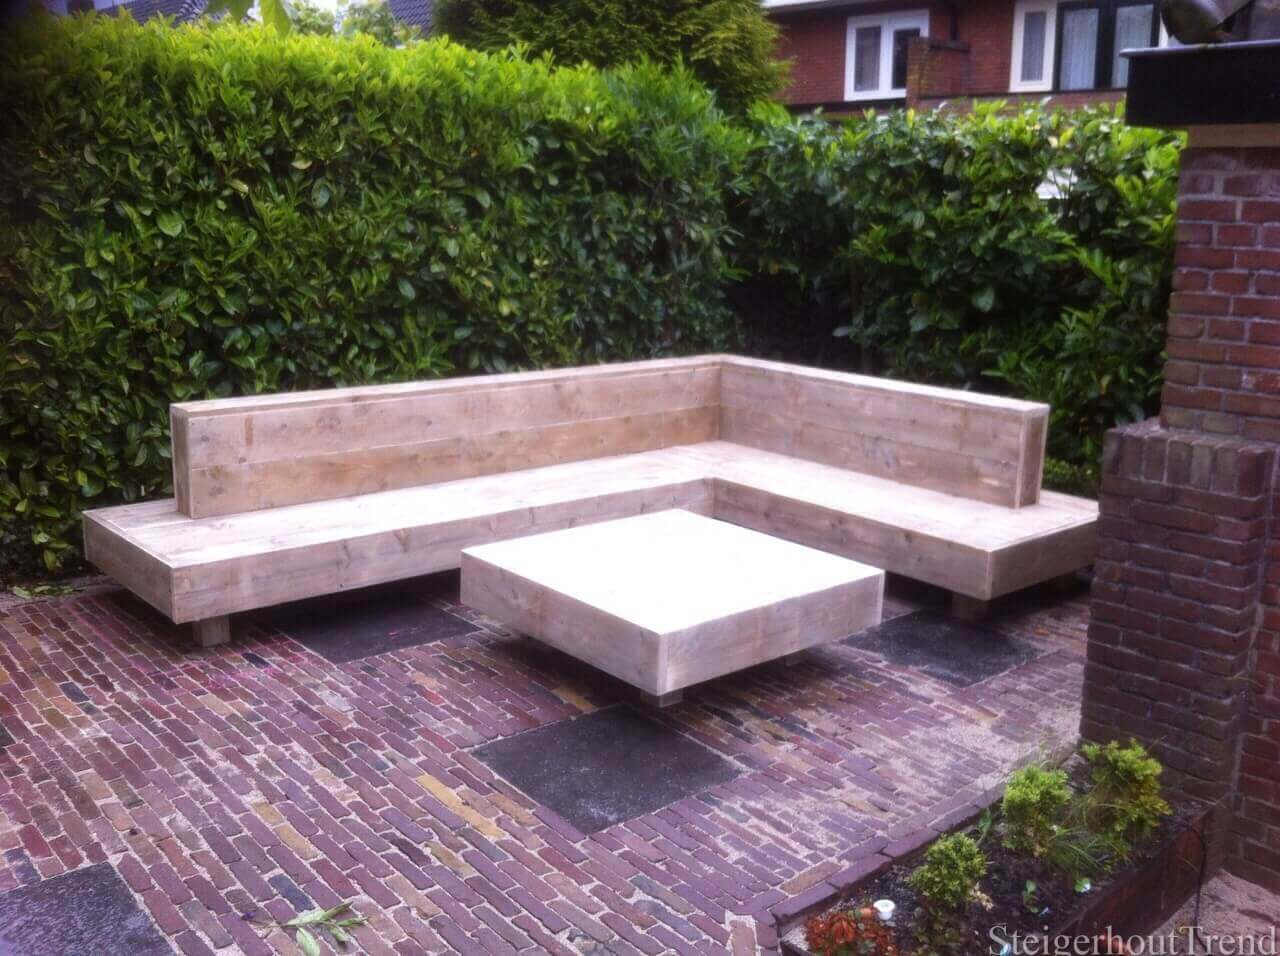 Hoe Maak Ik Een Steigerhouten Loungebank.Steigerhouten Design Loungebank Randstad Kopen Bestel Online Nu 20